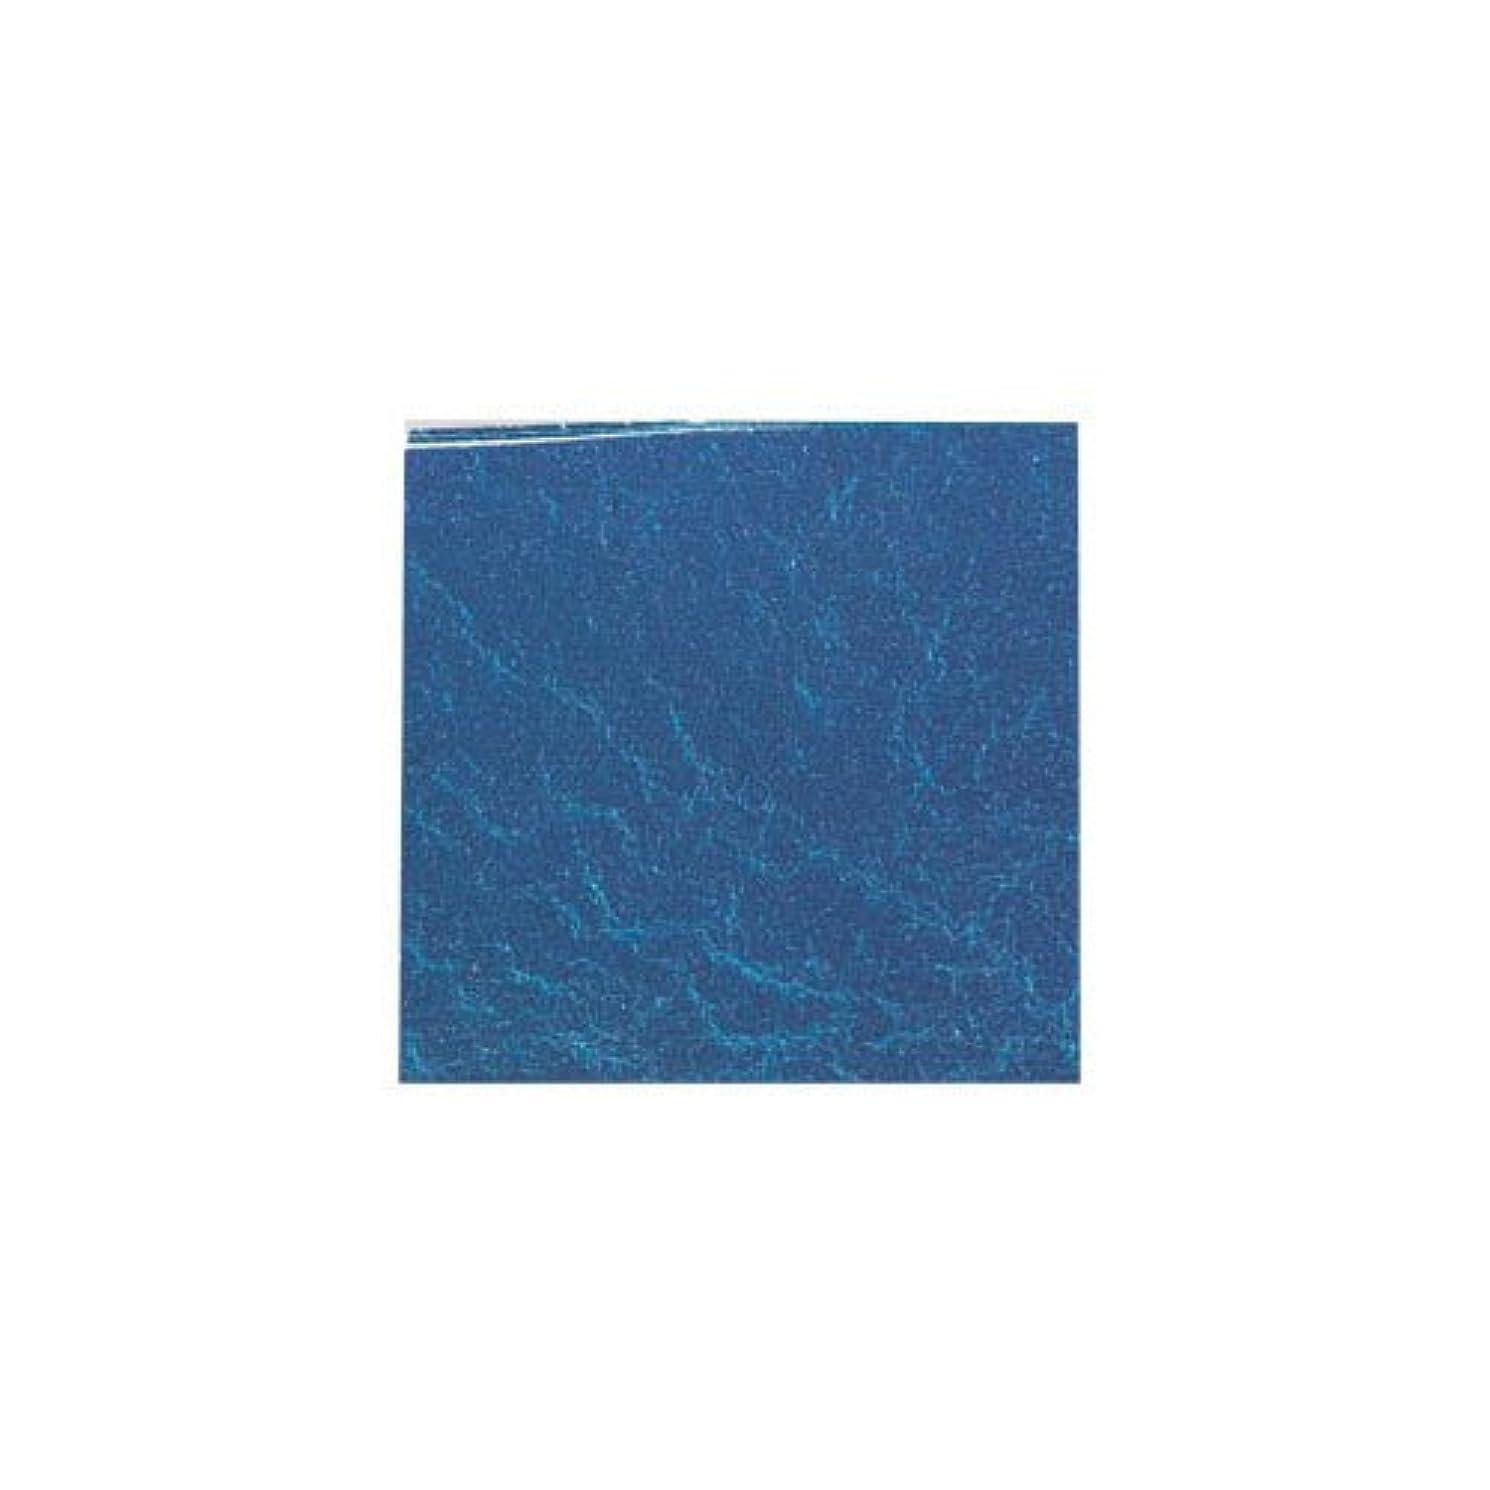 ピカエース ネイル用パウダー カラー純銀箔 #613 藍色 3.5㎜角×5枚